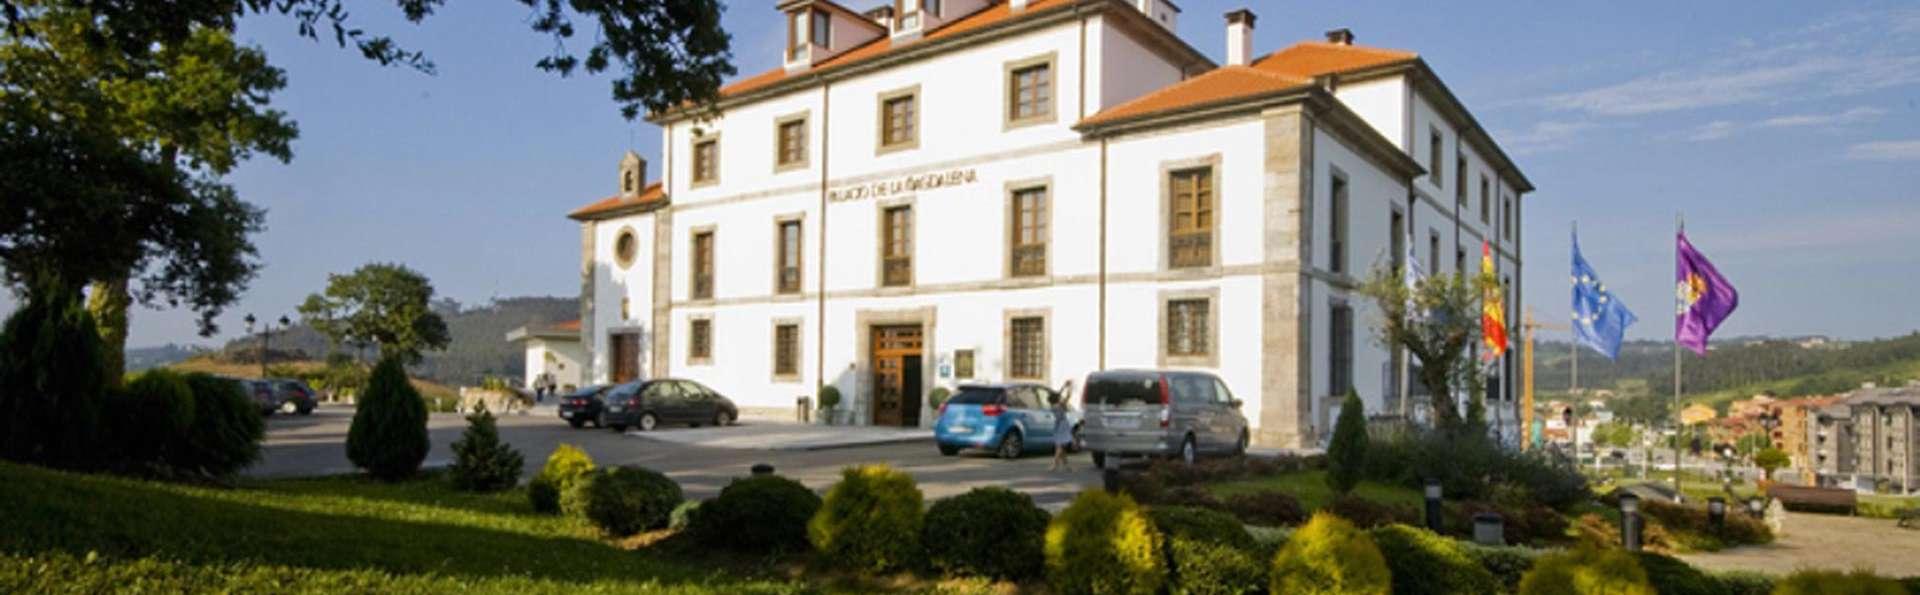 Hotel Palacio de la Magdalena & Spa - edit_facade.jpg